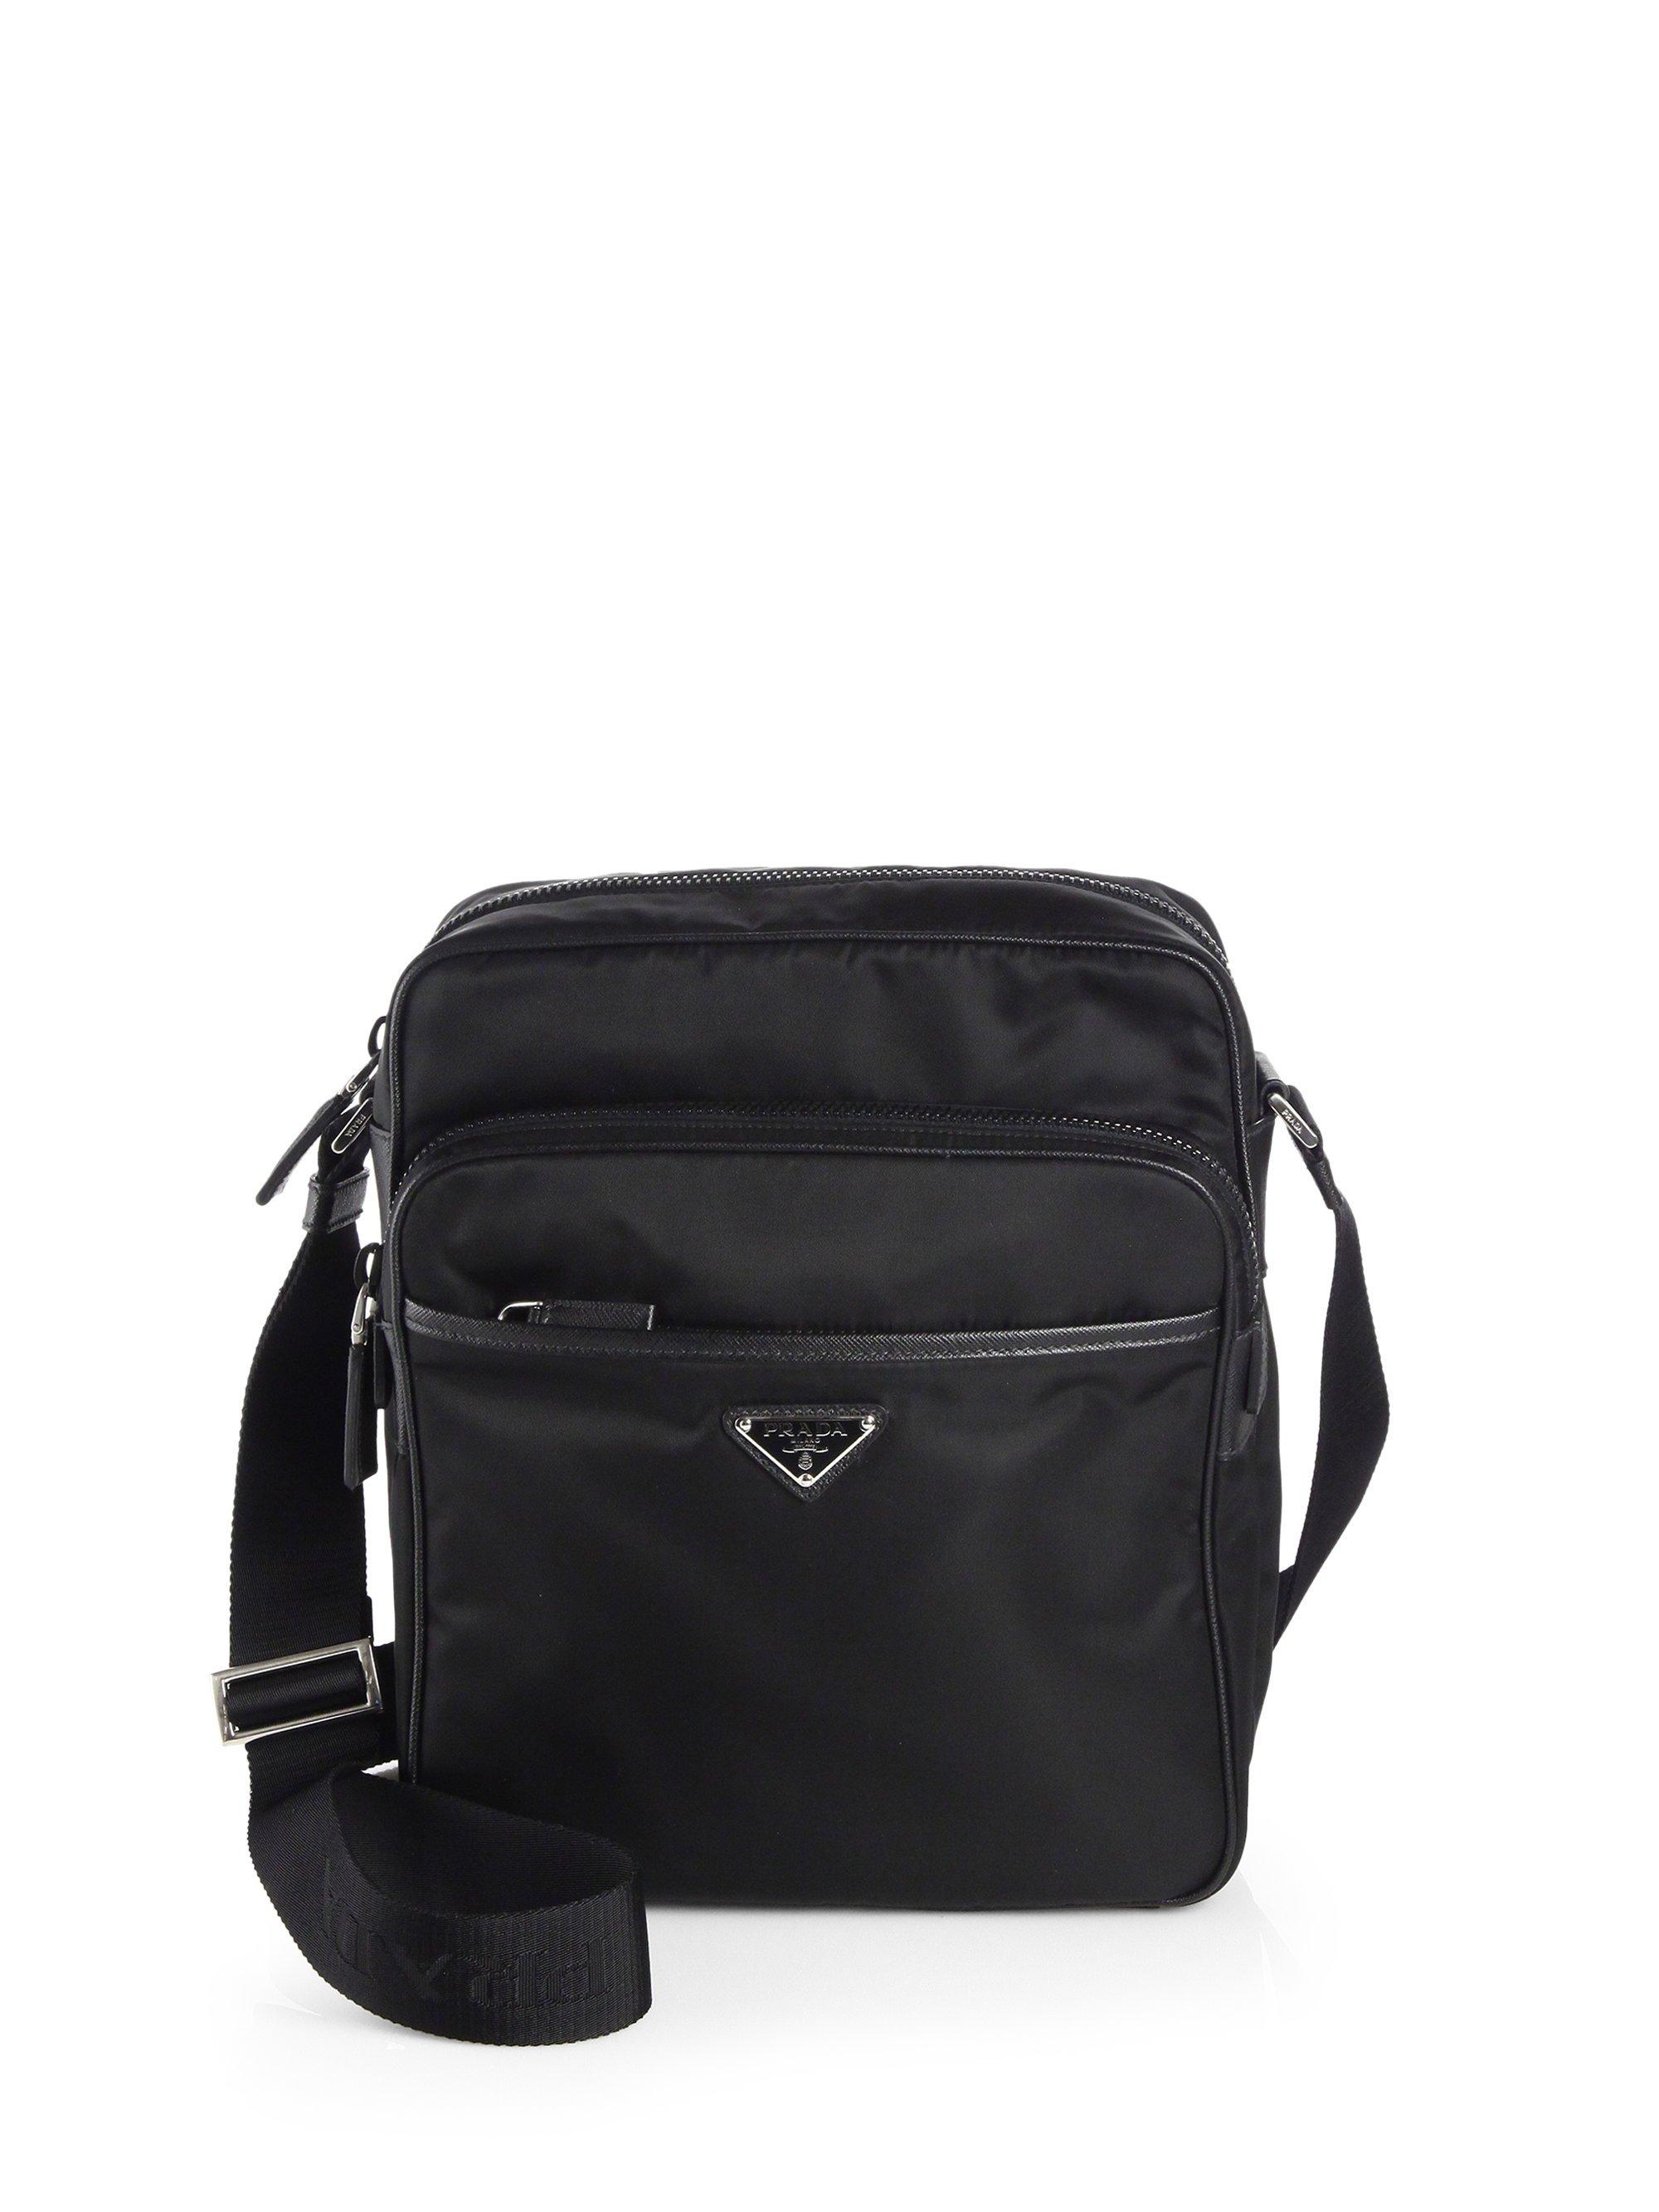 Prada Nylon Camera Bag In Black For Men Lyst